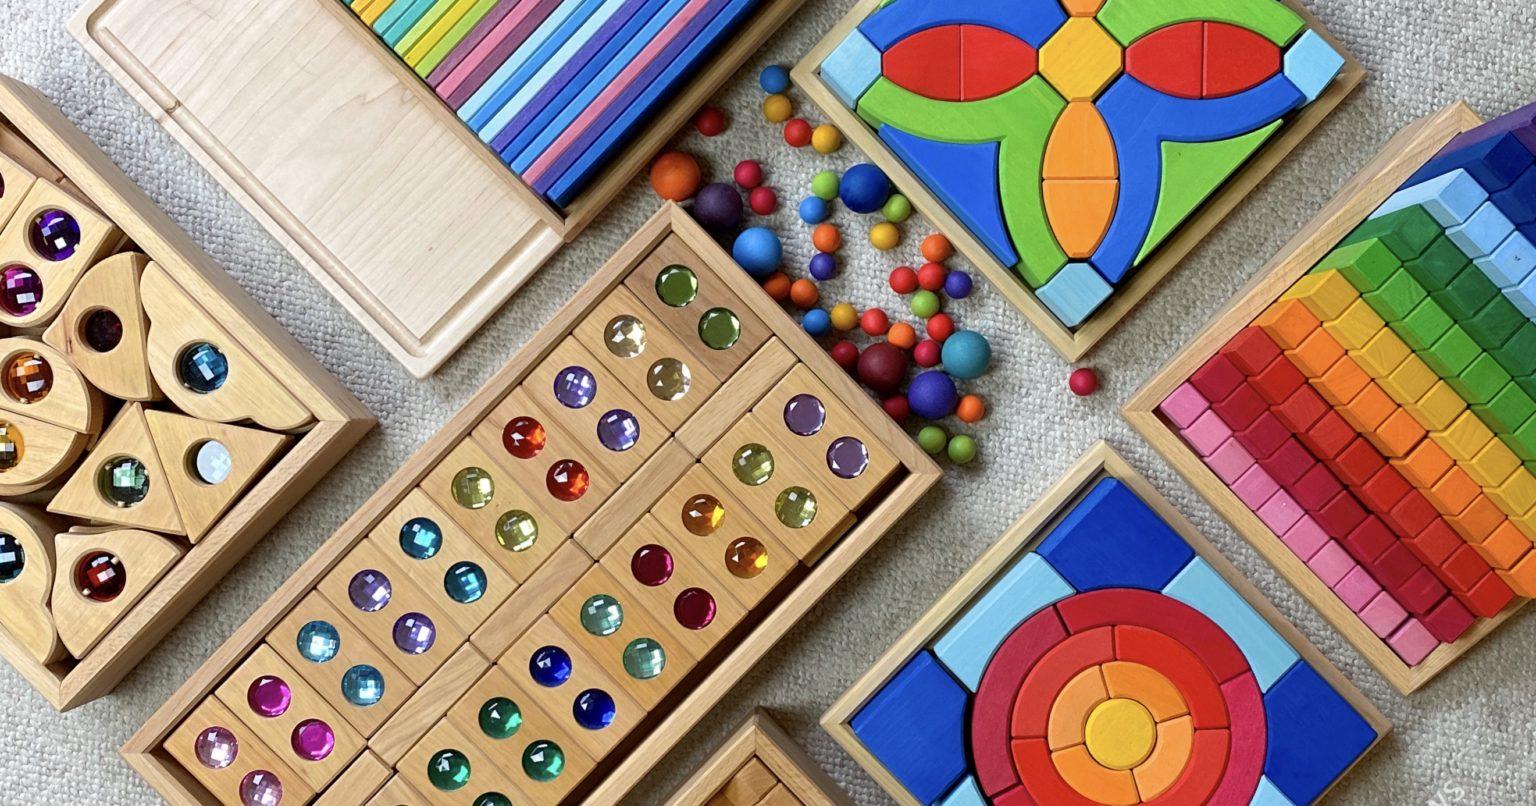 Bauspiel blocks for building ball runs, header